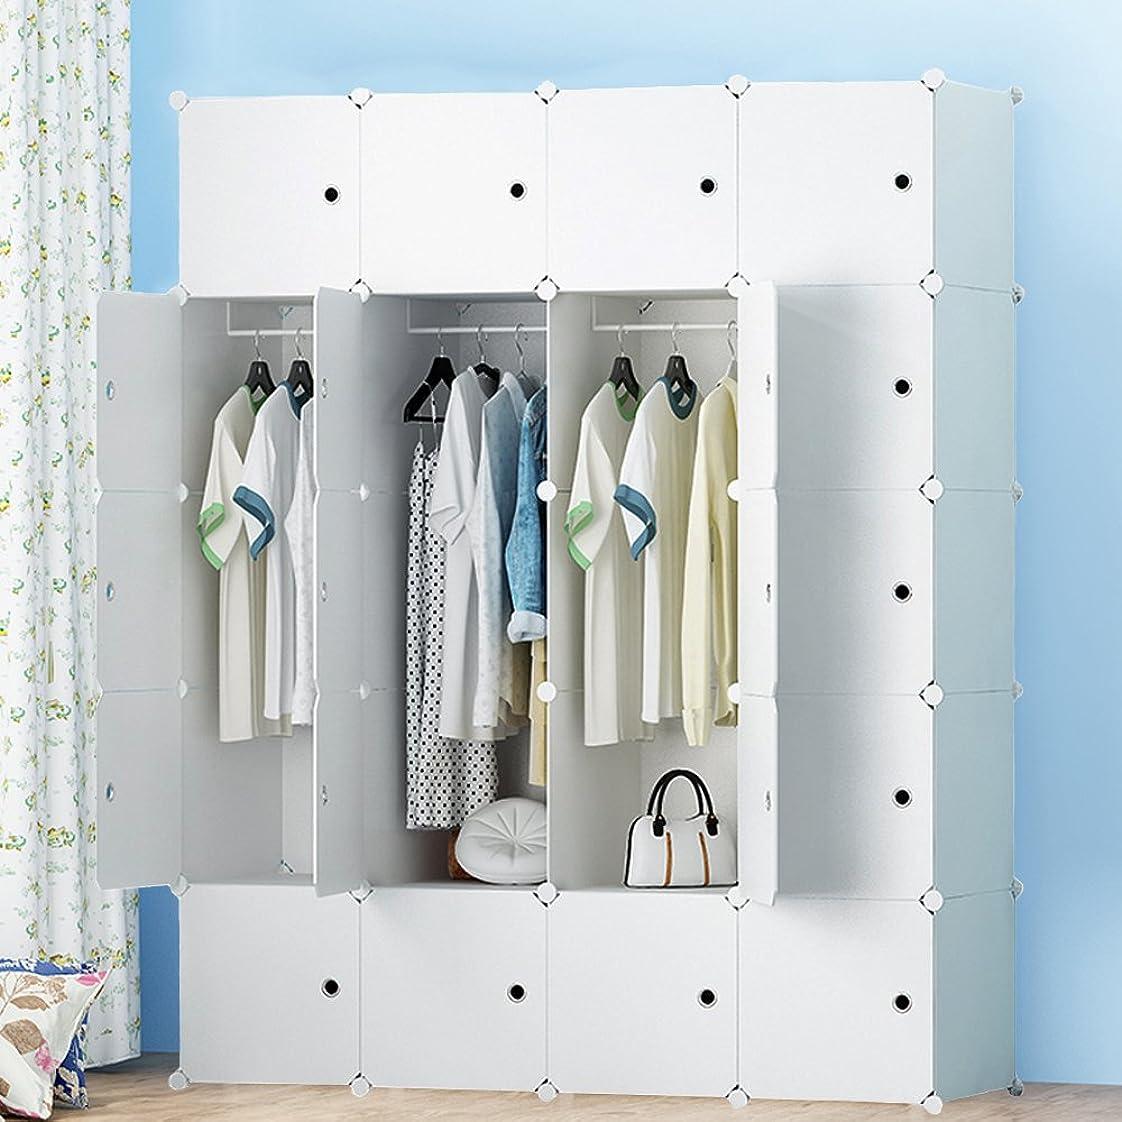 取るに足らないファンタジー理論JOISCOPE 収納ボックス 扉付き 収納棚 衣類収納ラック 組み立て式 ダンス おしゃれ 145x181x45cm 大容量 純白 20